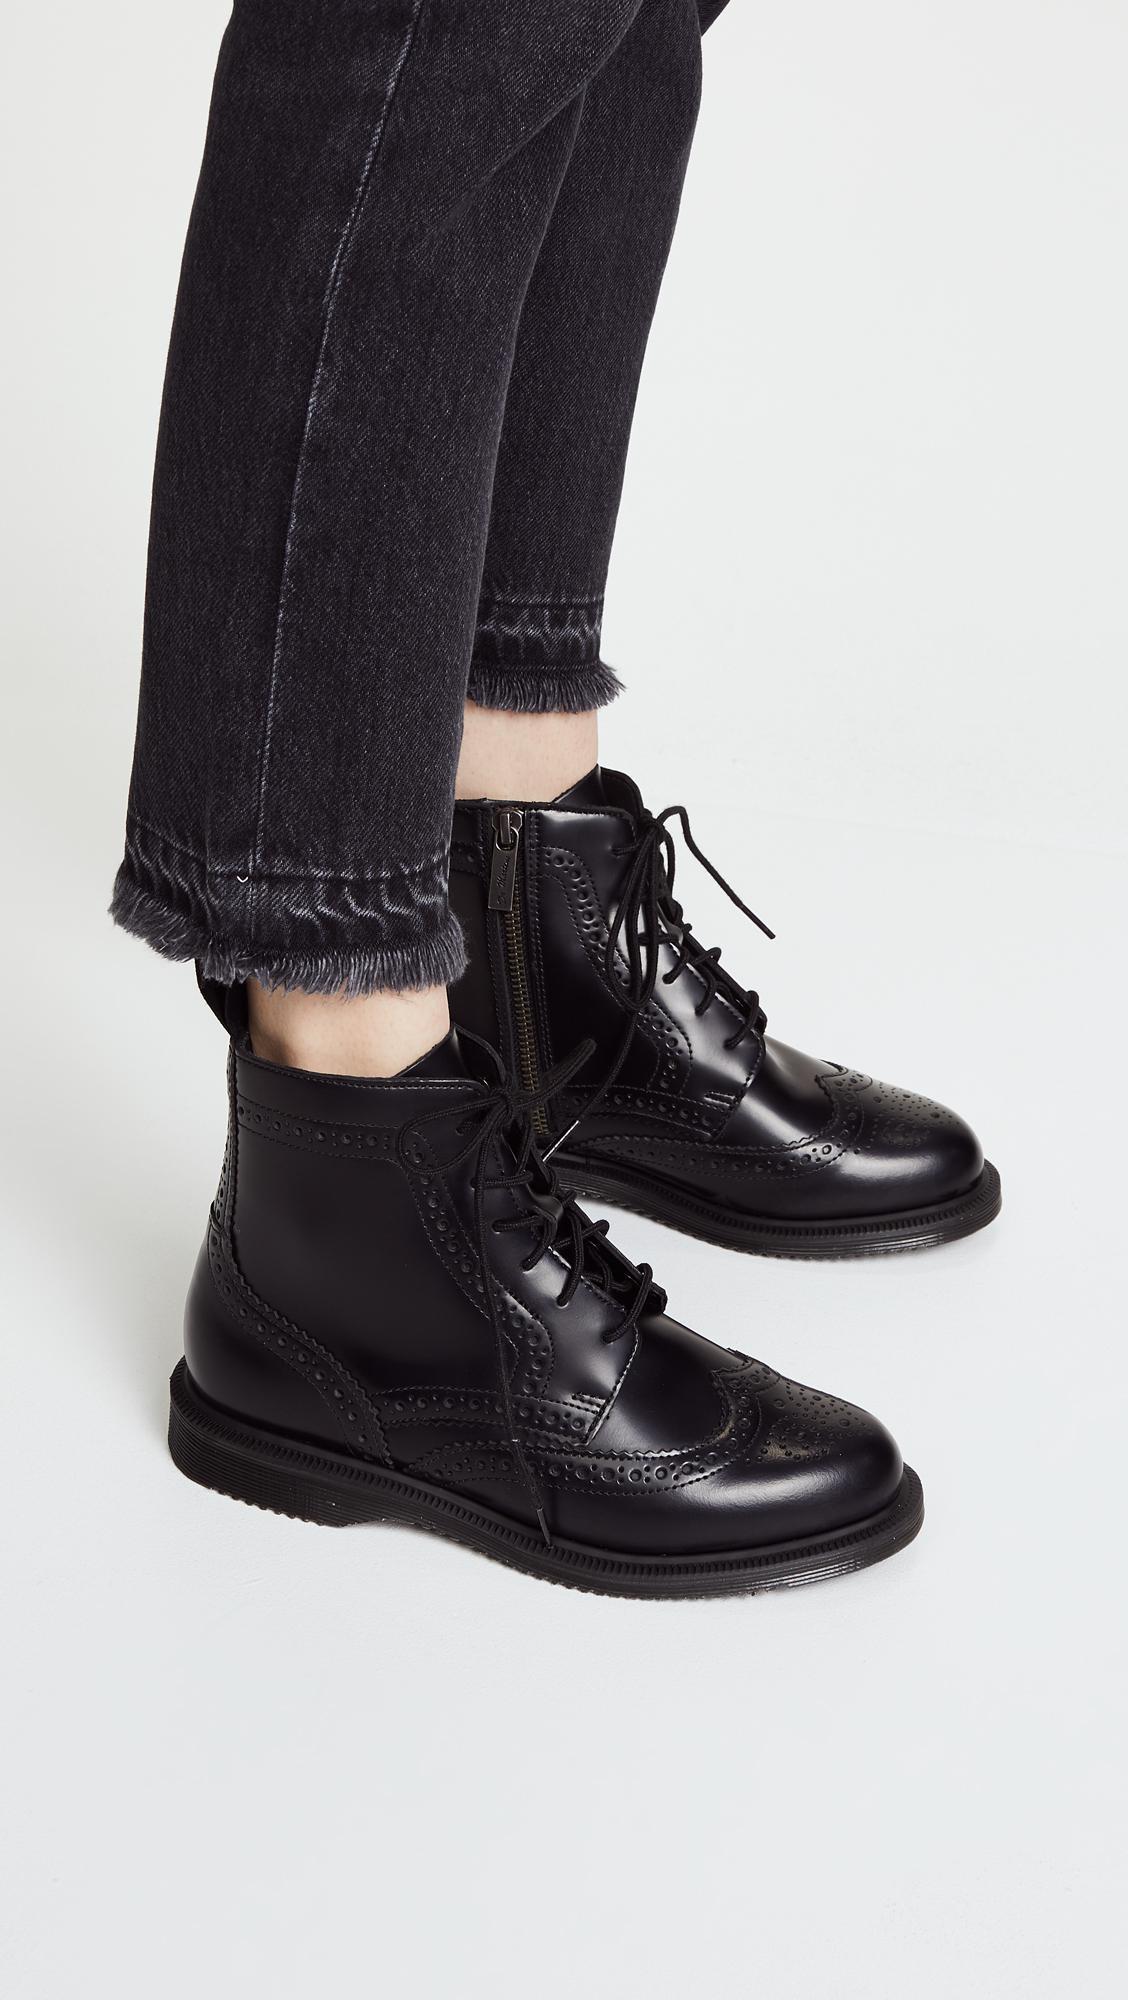 07a8d11cc4b Dr. Martens - Black Delphine Brogue Boots - Lyst. View fullscreen